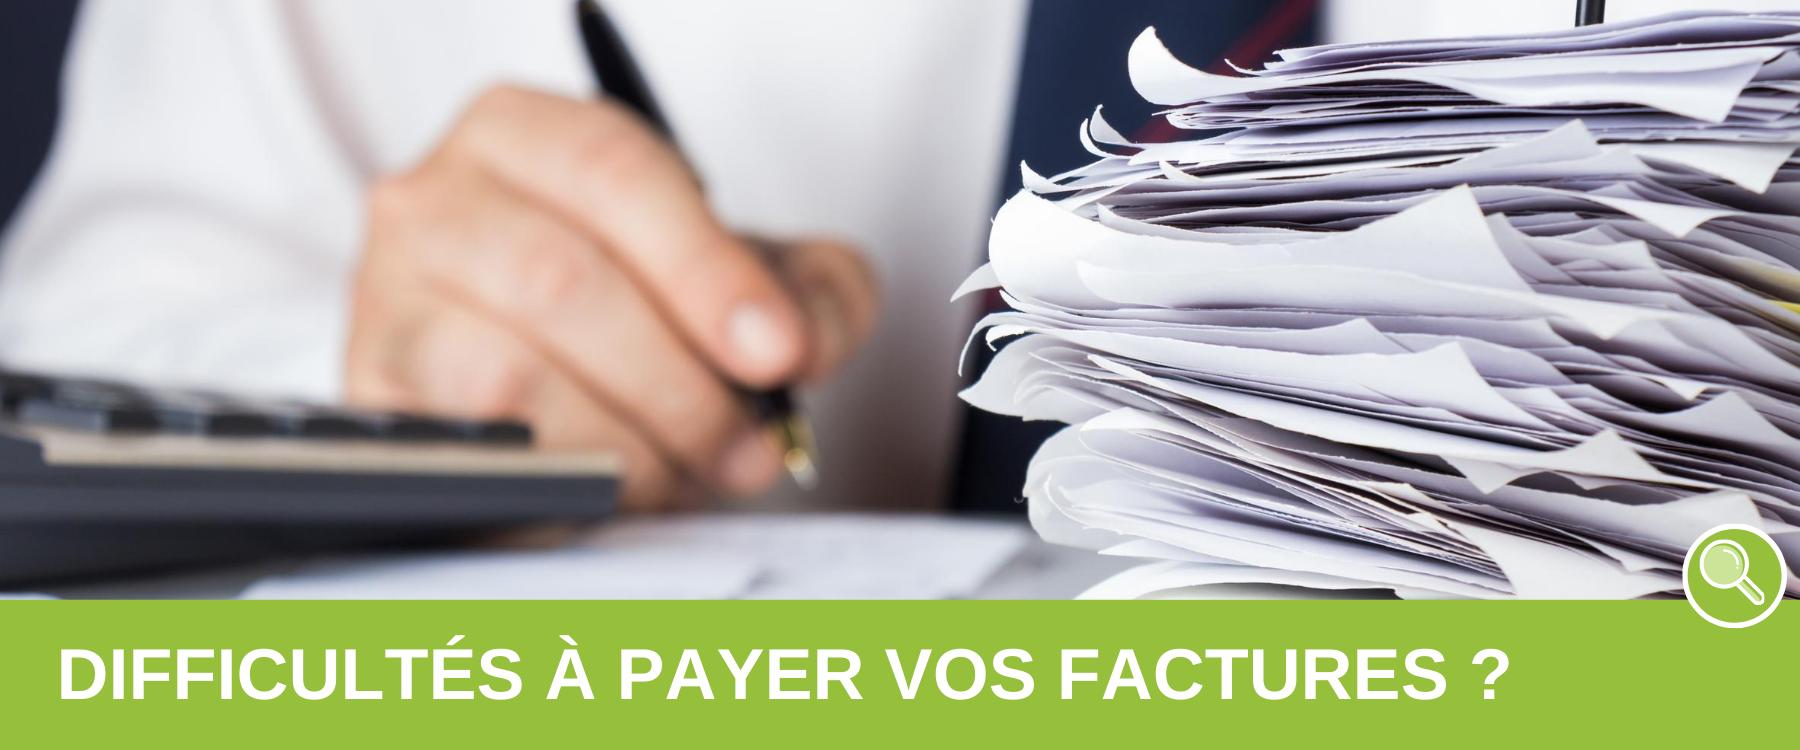 Difficultés paiement facture